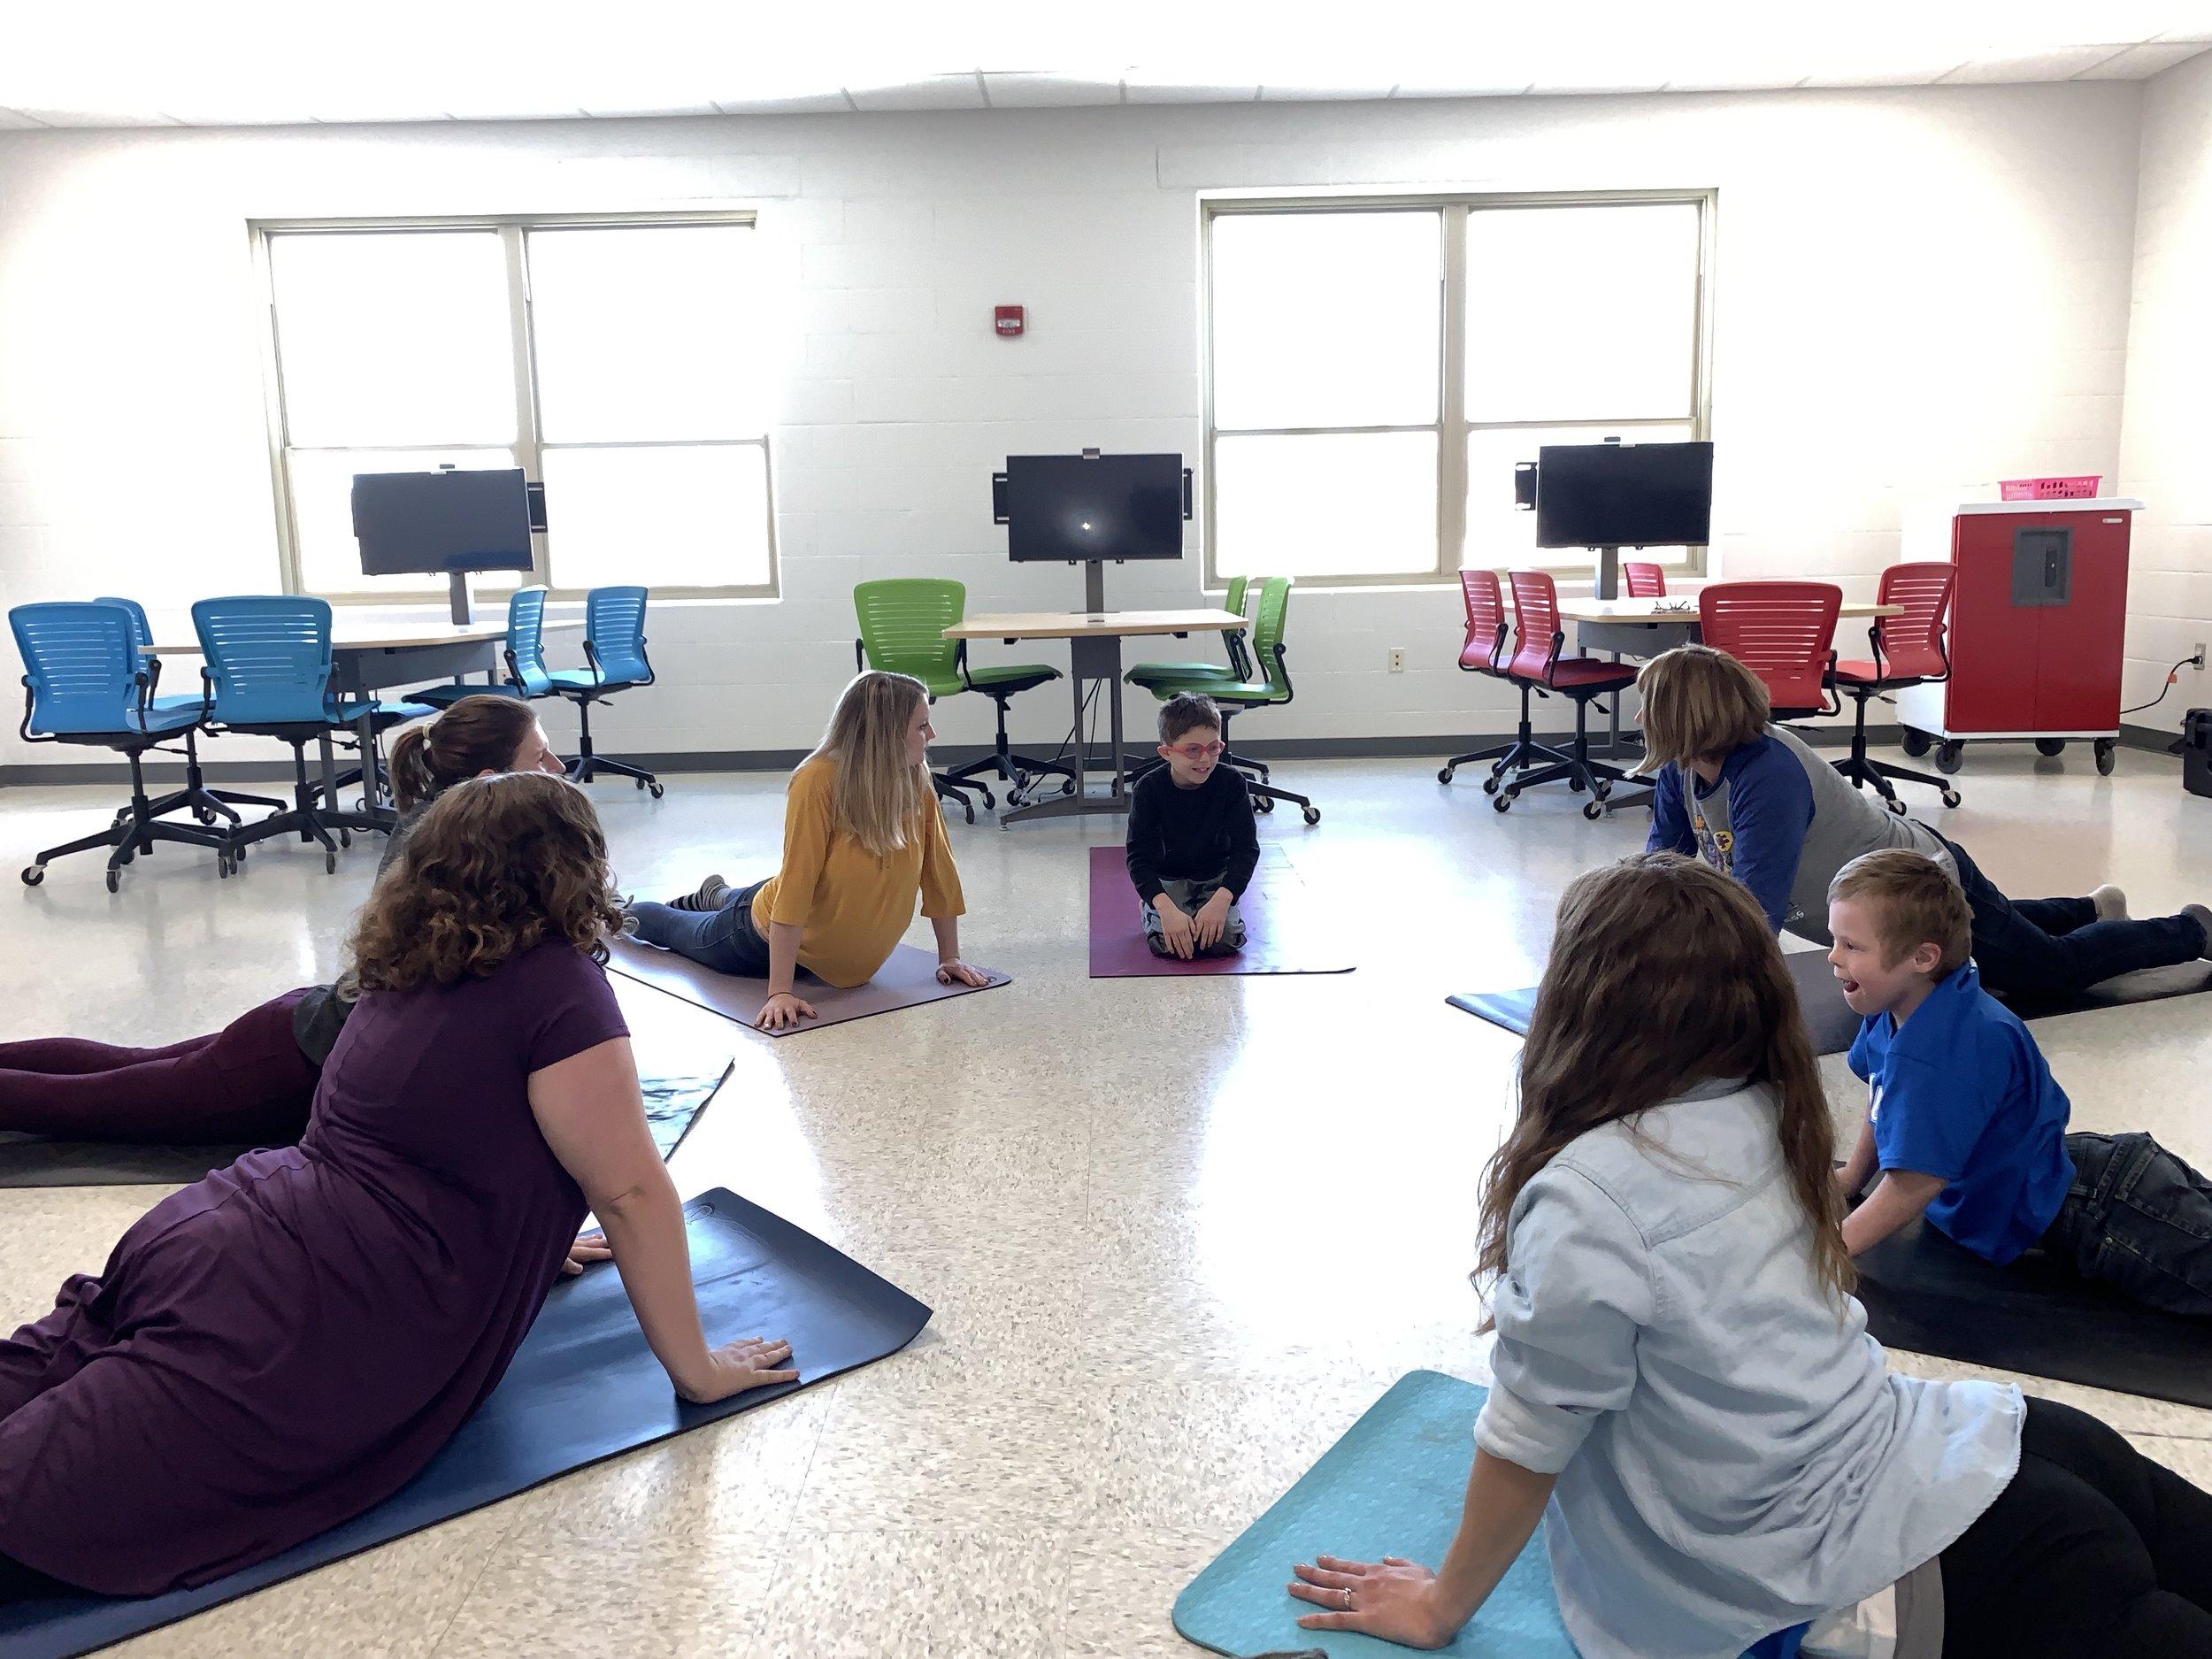 Marie's Classroom at Algoma Elementary, Wisconsin